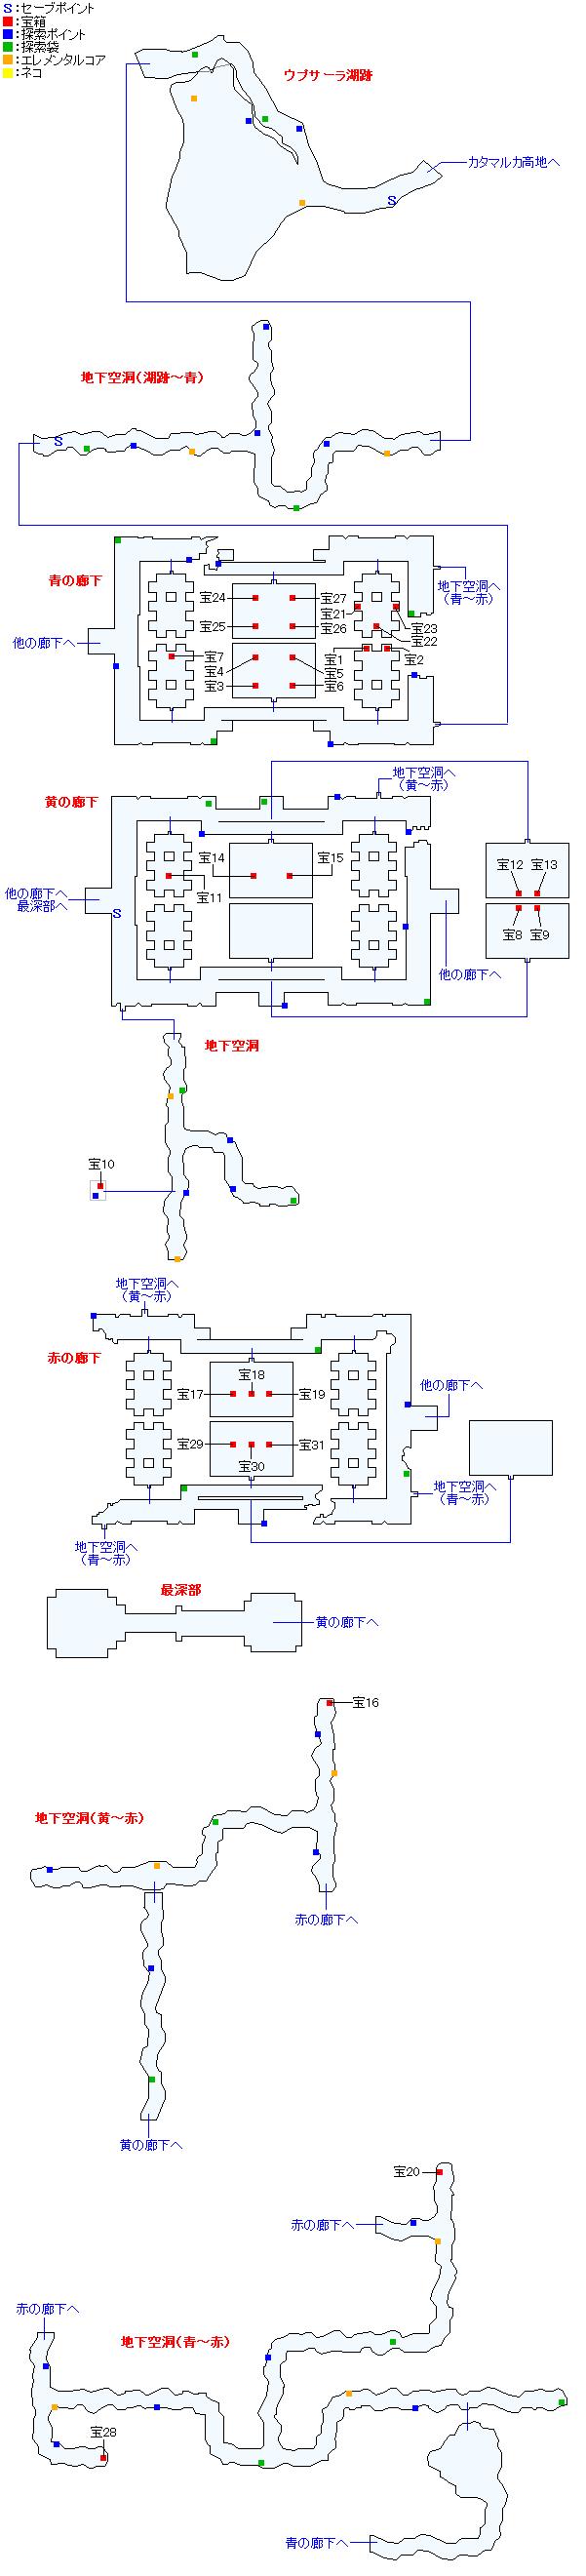 マップ画像・ウプサーラ湖跡(分史世界・チャプター10)